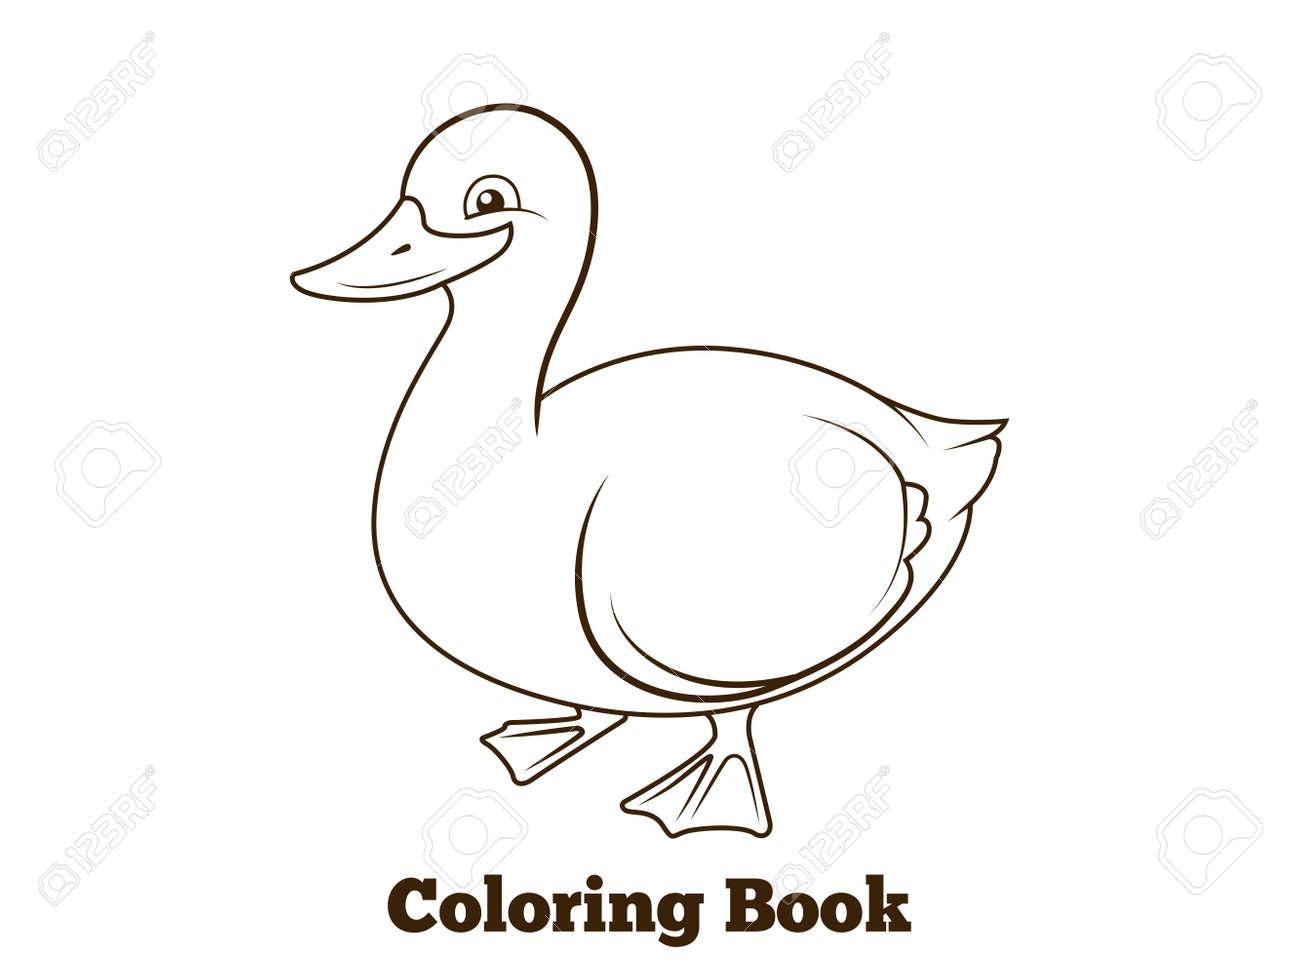 Hermosa Patos Para Colorear Adorno - Dibujos Para Colorear En Línea ...